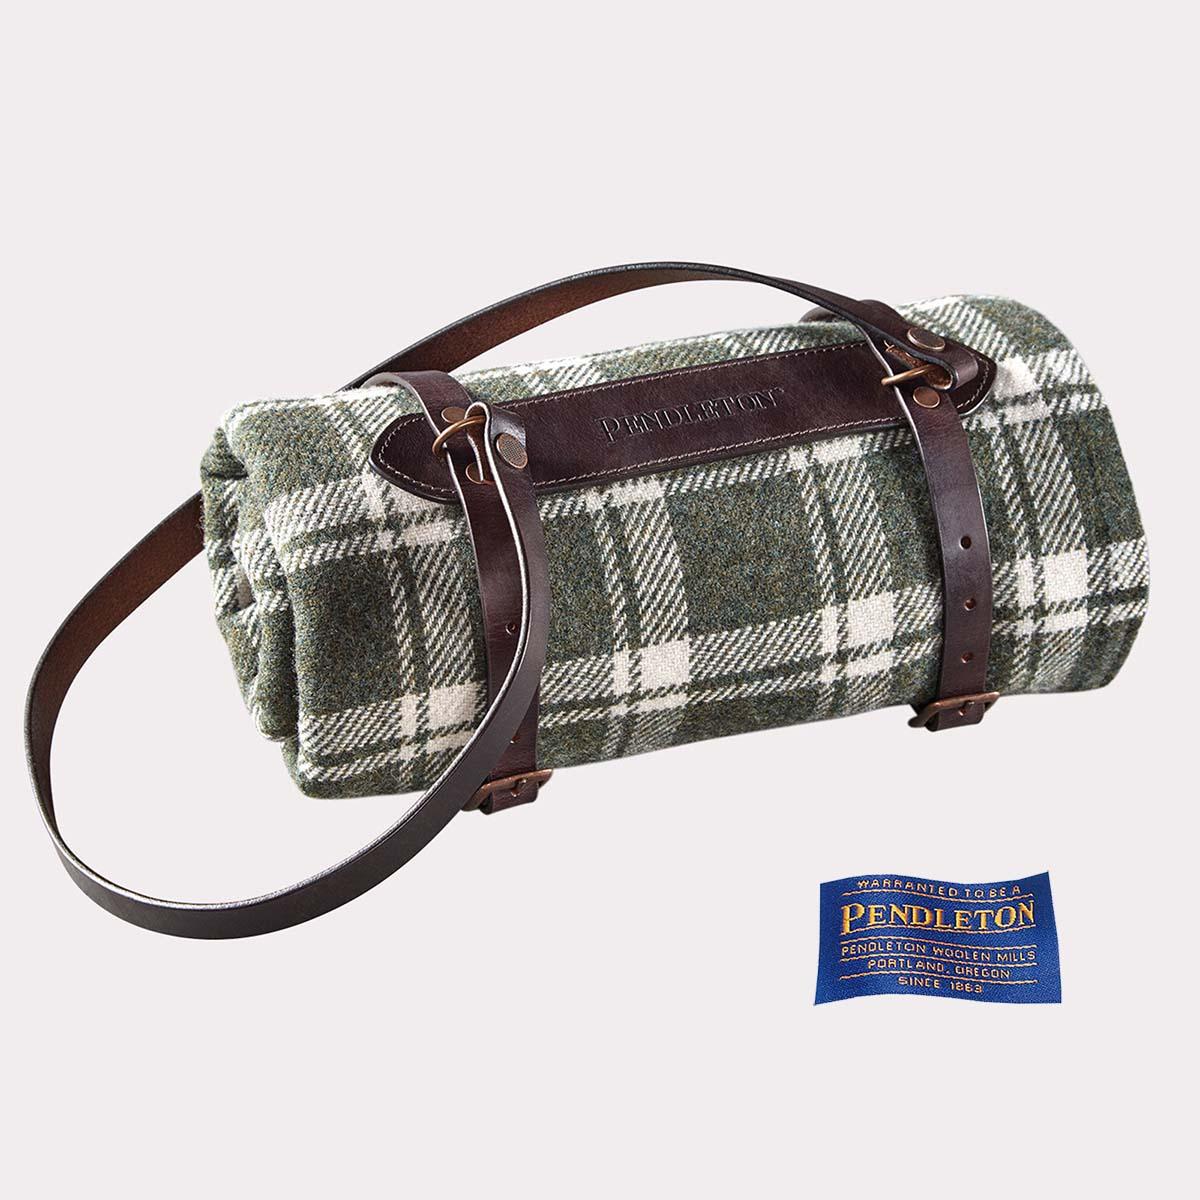 画像1: ペンドルトン スモールブランケット用 プレミアム レザー キャリア(ダークブラウン)/Pendleton Premium Leather Carrier Small(Dark Brown)